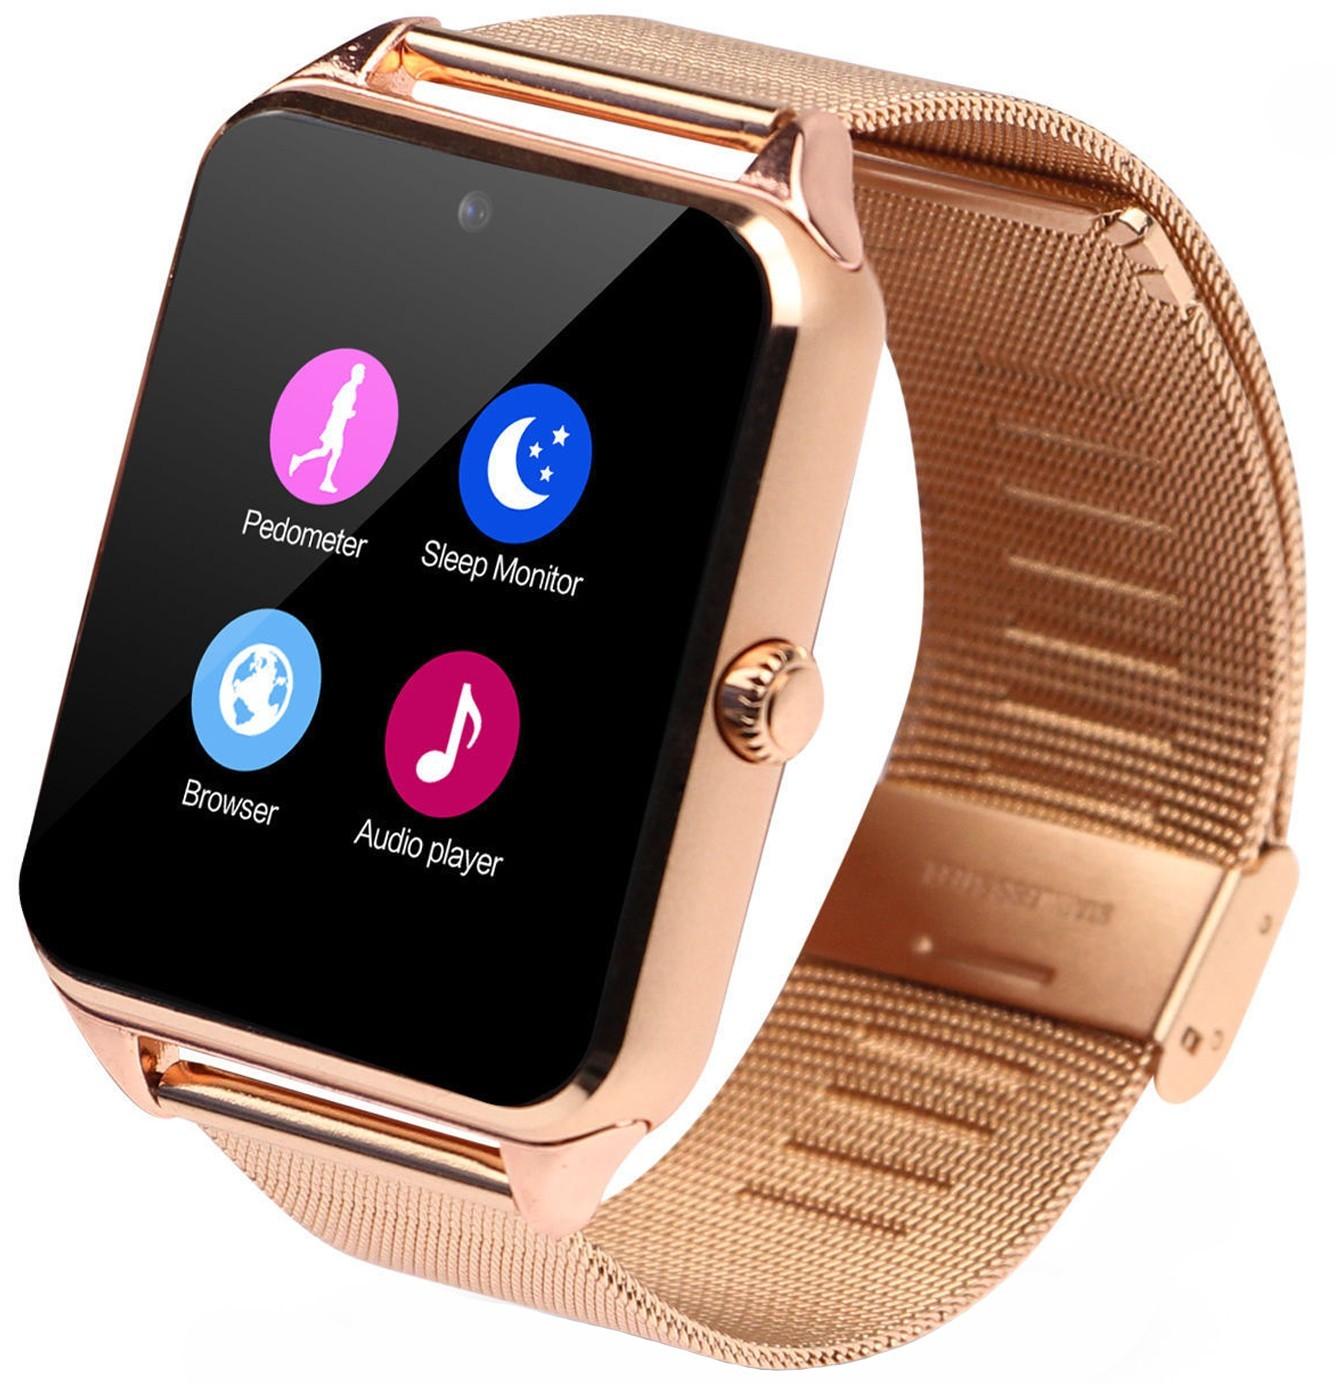 Ceas Smartwatch cu Telefon iUni GT08s Plus, Curea Metalica, Camera, Antizgarieturi, Gold